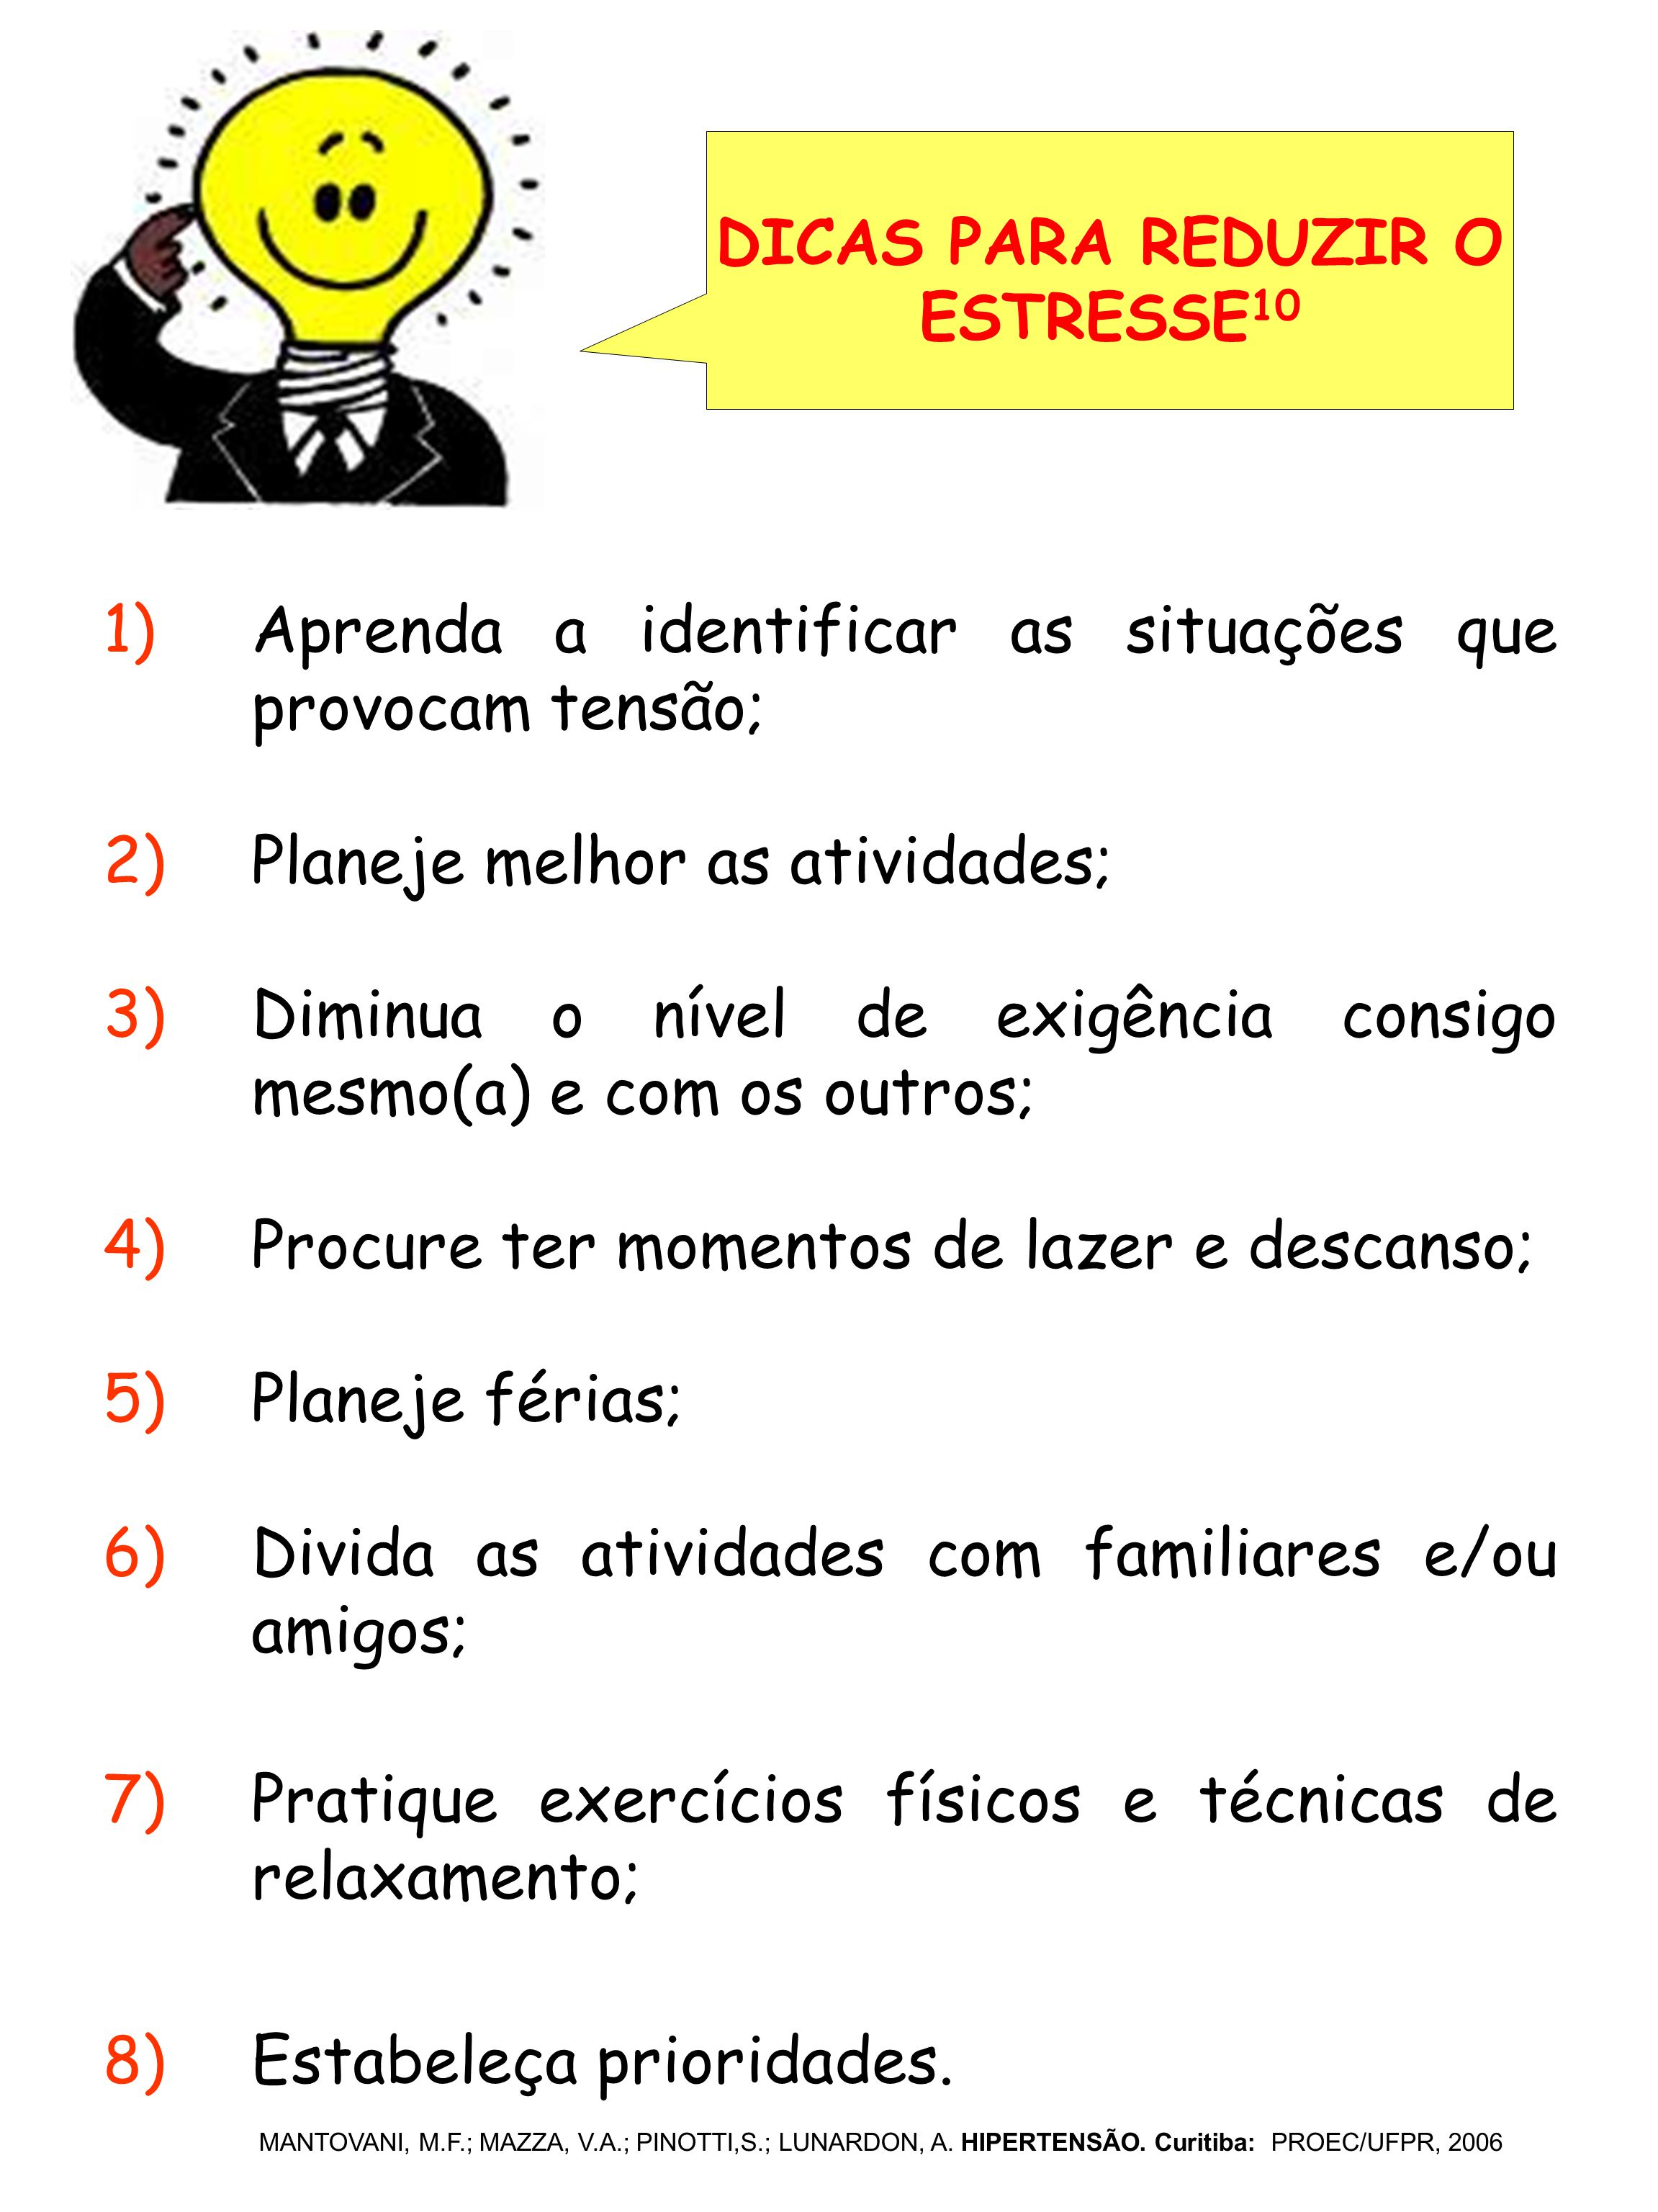 DICAS PARA REDUZIR O ESTRESSE10